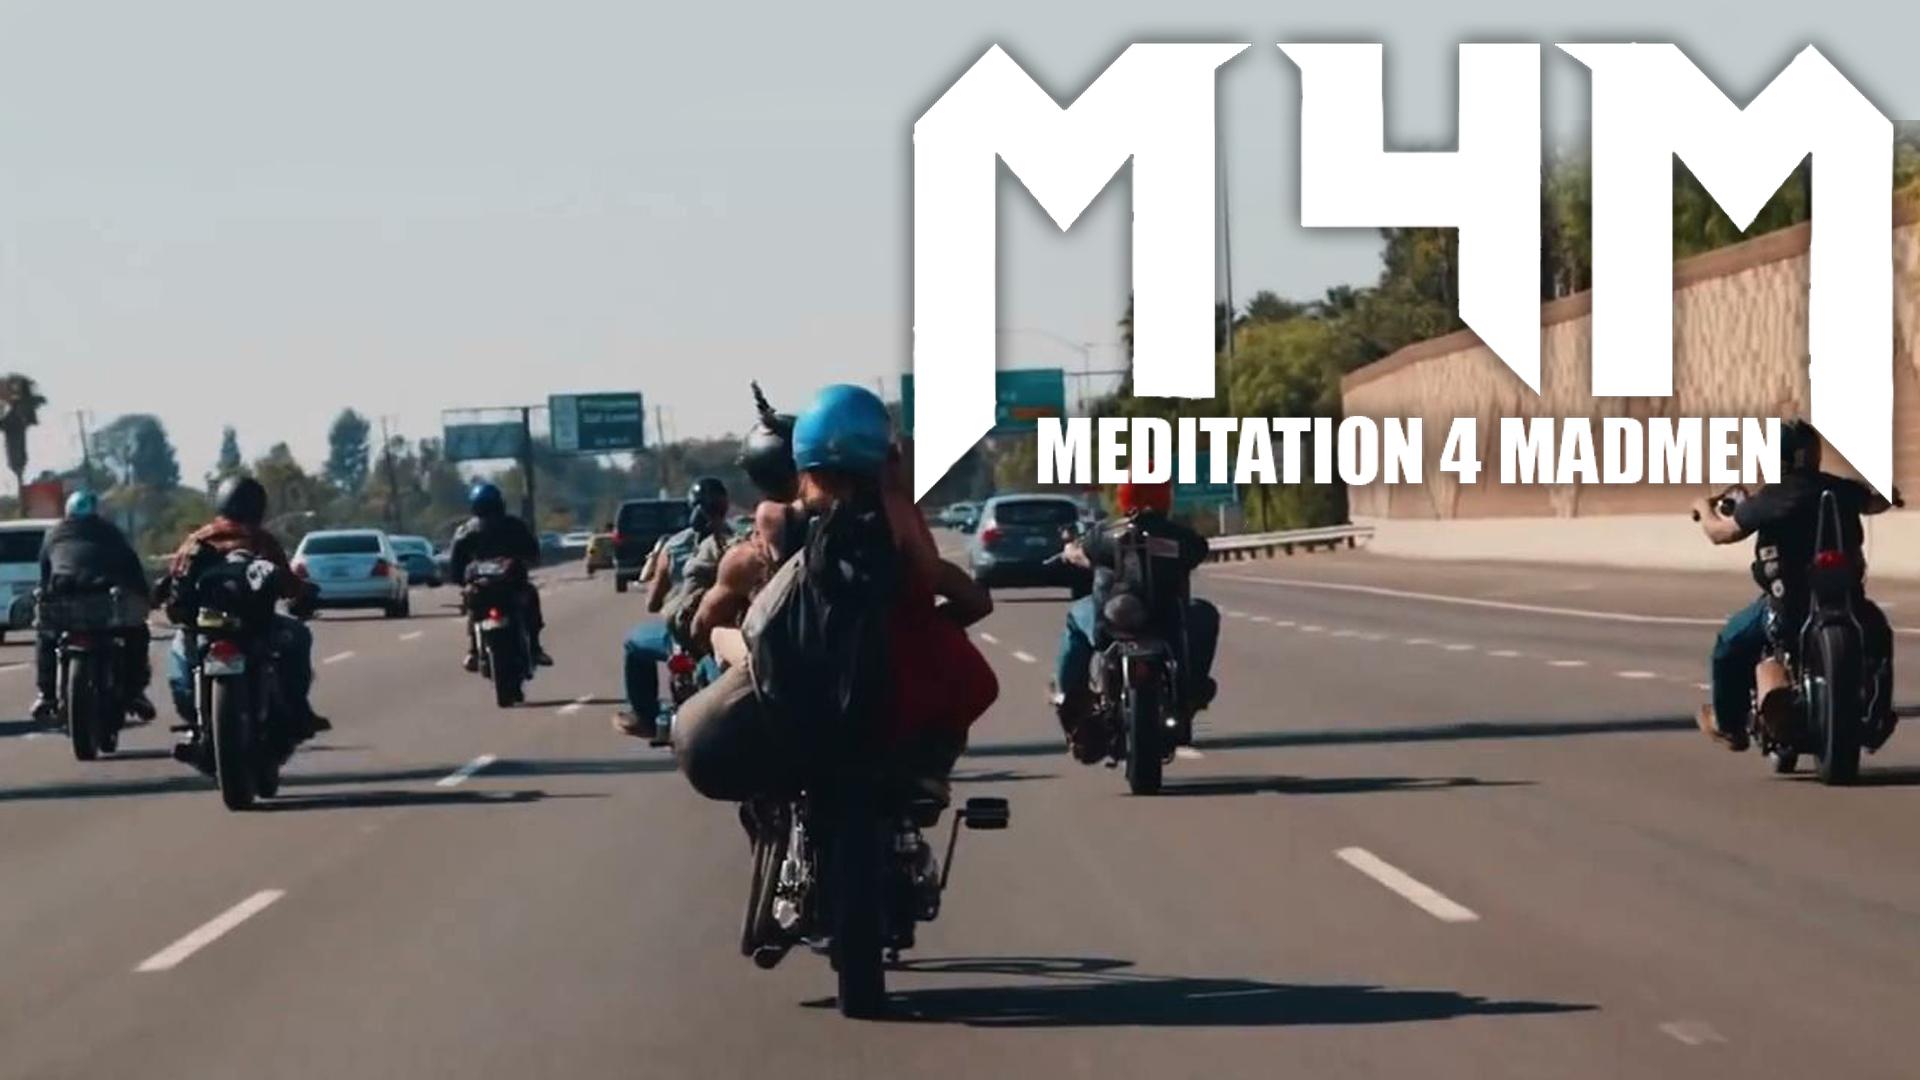 Meditation 4 Madmen